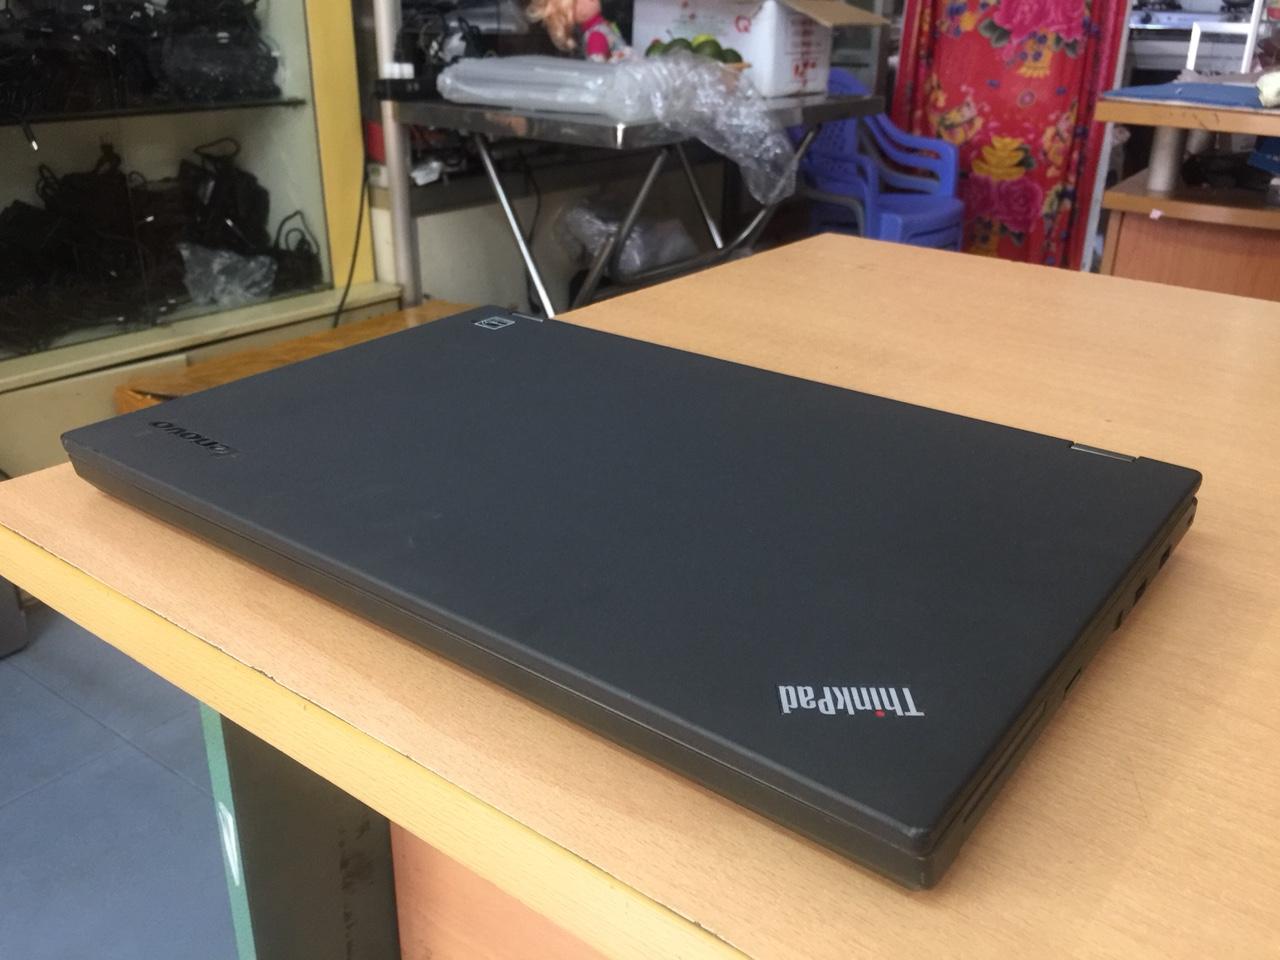 Lenovo Thinkpad T540p (i7 4600M, Ram 8GB, SSD 240GB, 15.6 Inch)